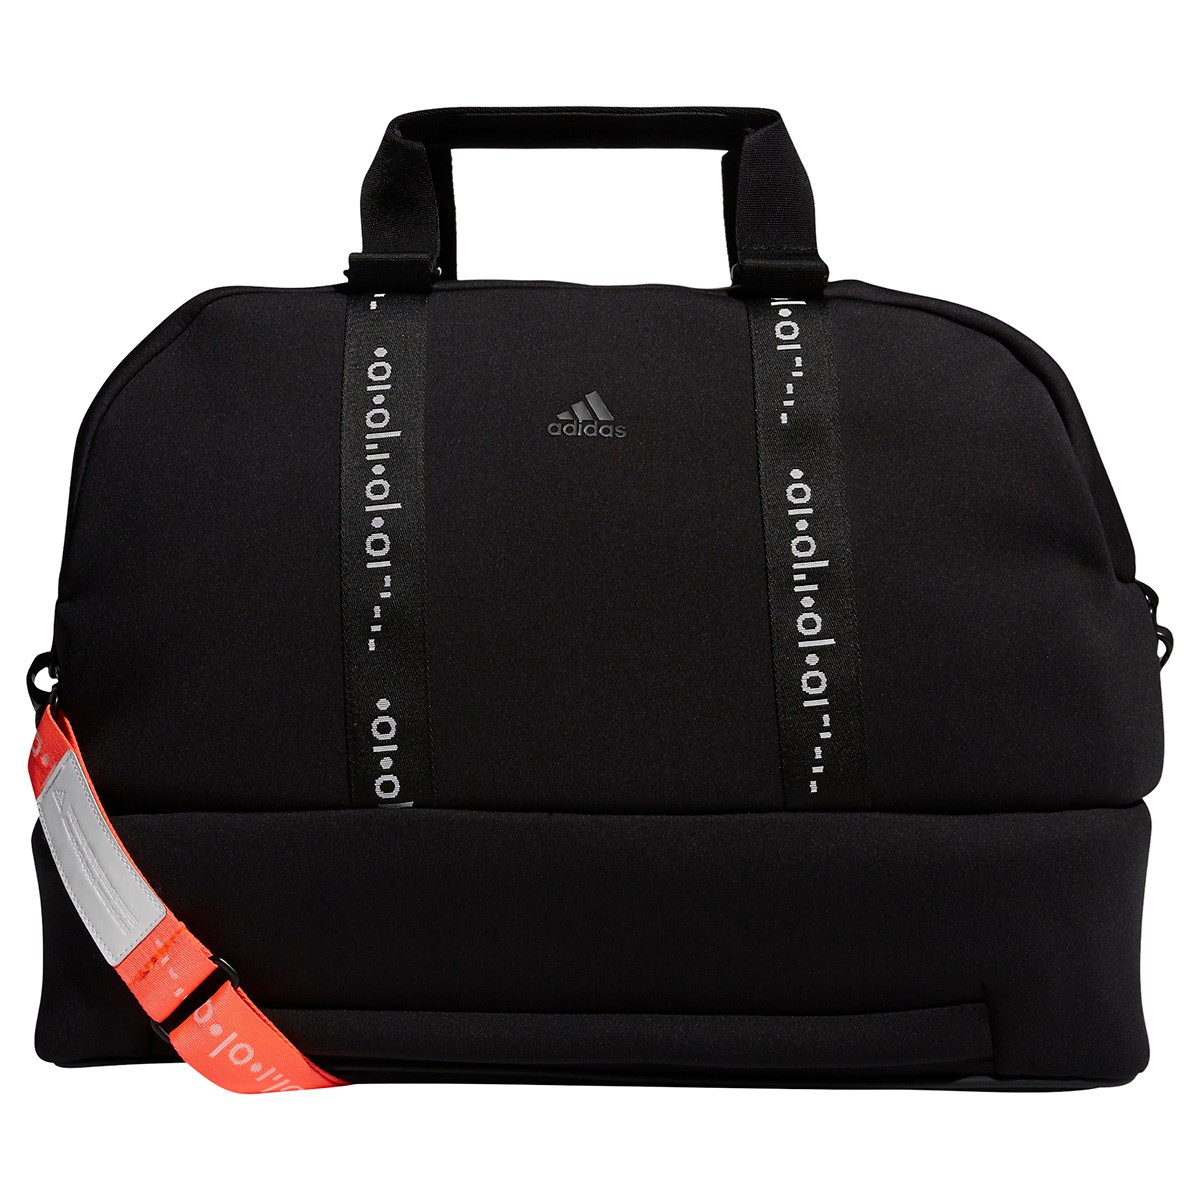 [2020年モデル] アディダス adidas 3ストライプボストンバッグ ブラック/ブラック レディース ゴルフ